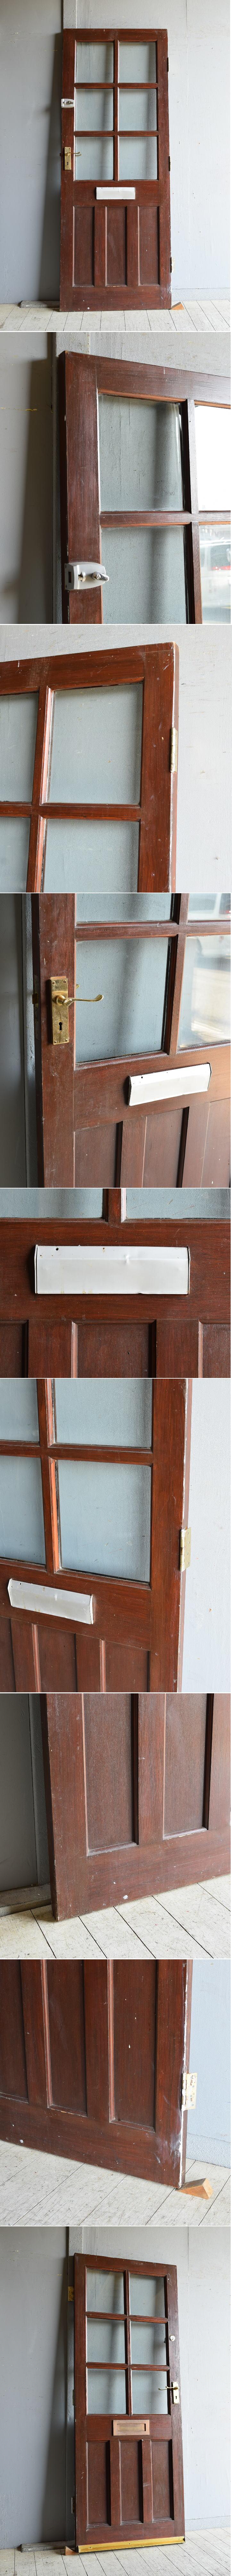 イギリス アンティーク ドア 扉 建具 8442